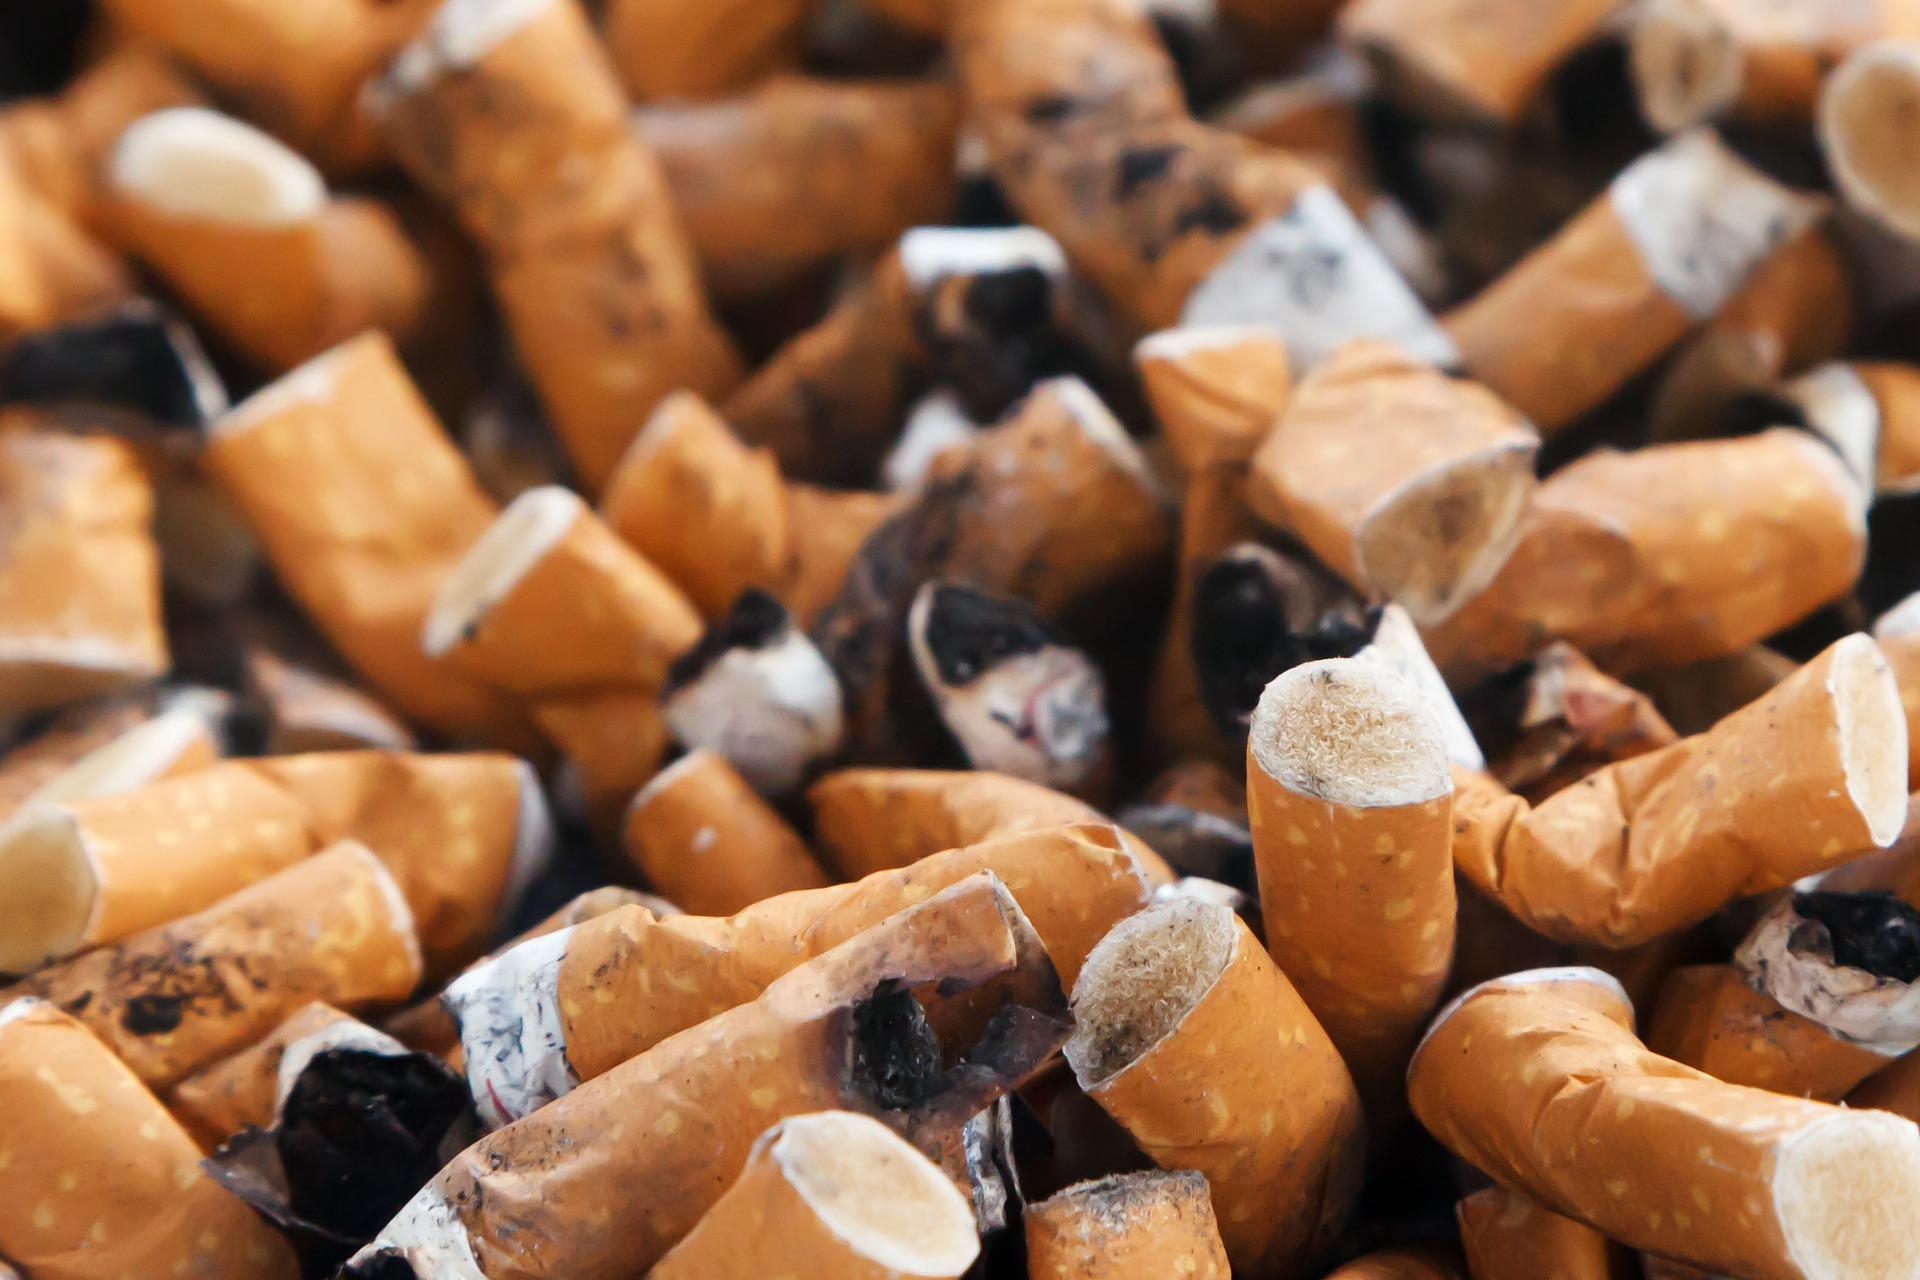 smoking-cessation-hypnosis.jpg